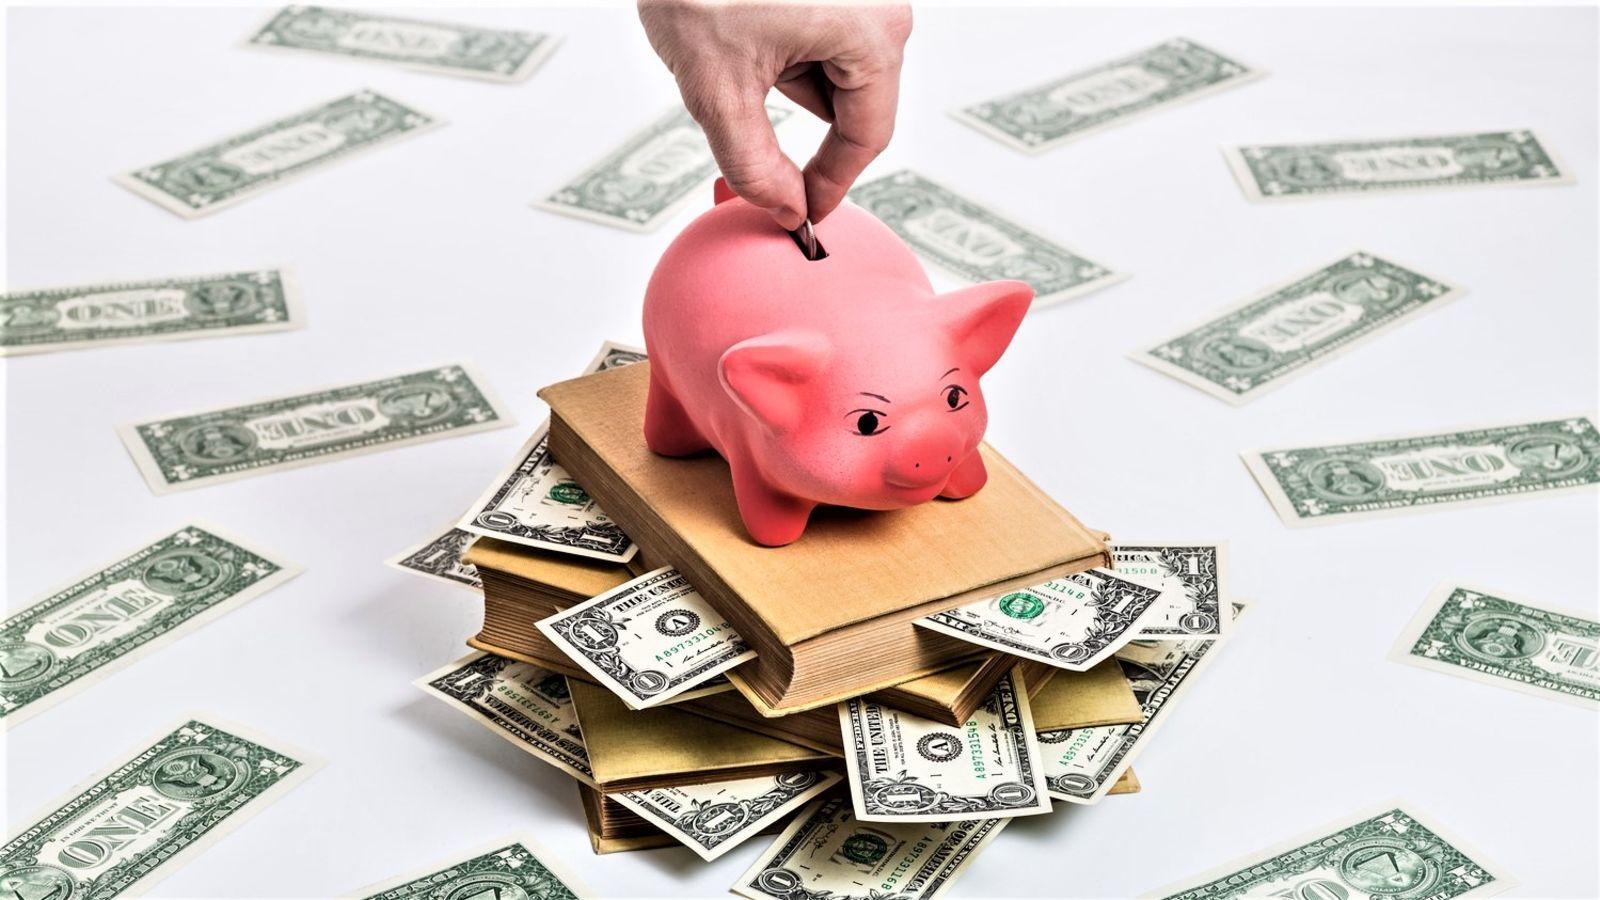 Изображение - Как заработать деньги на квартиру в москве 687a809a3f965ec1c20ac845c0eee639